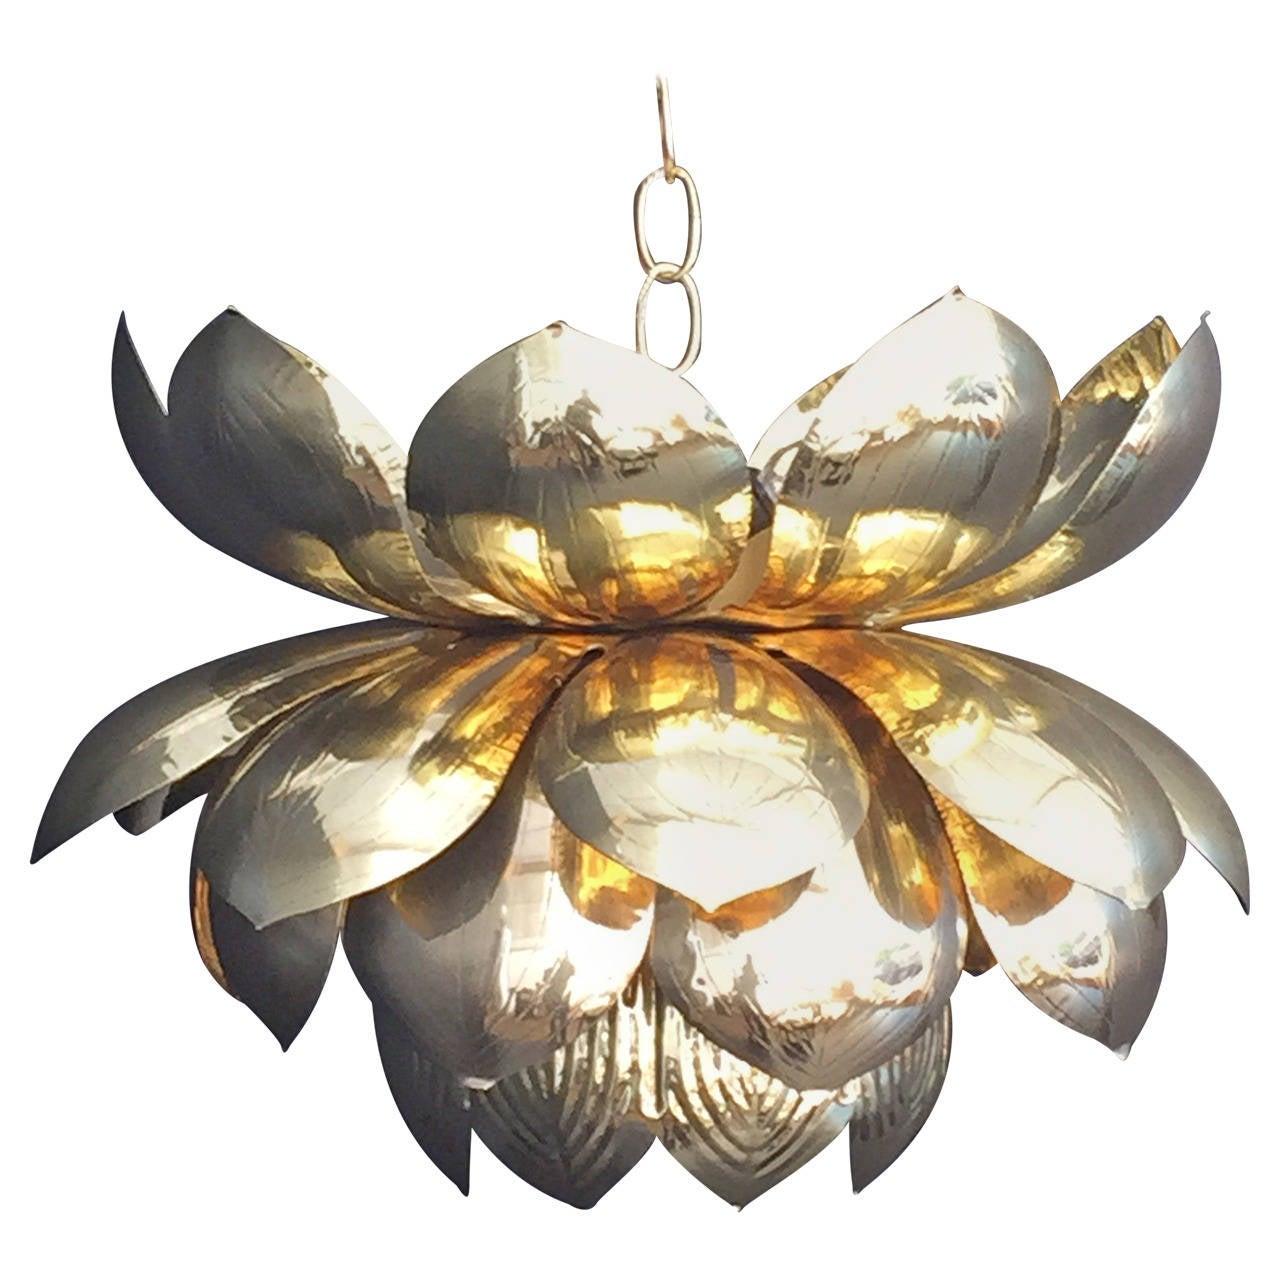 Large brass lotus pendant light by feldman for sale at 1stdibs large brass lotus pendant light by feldman for sale aloadofball Image collections